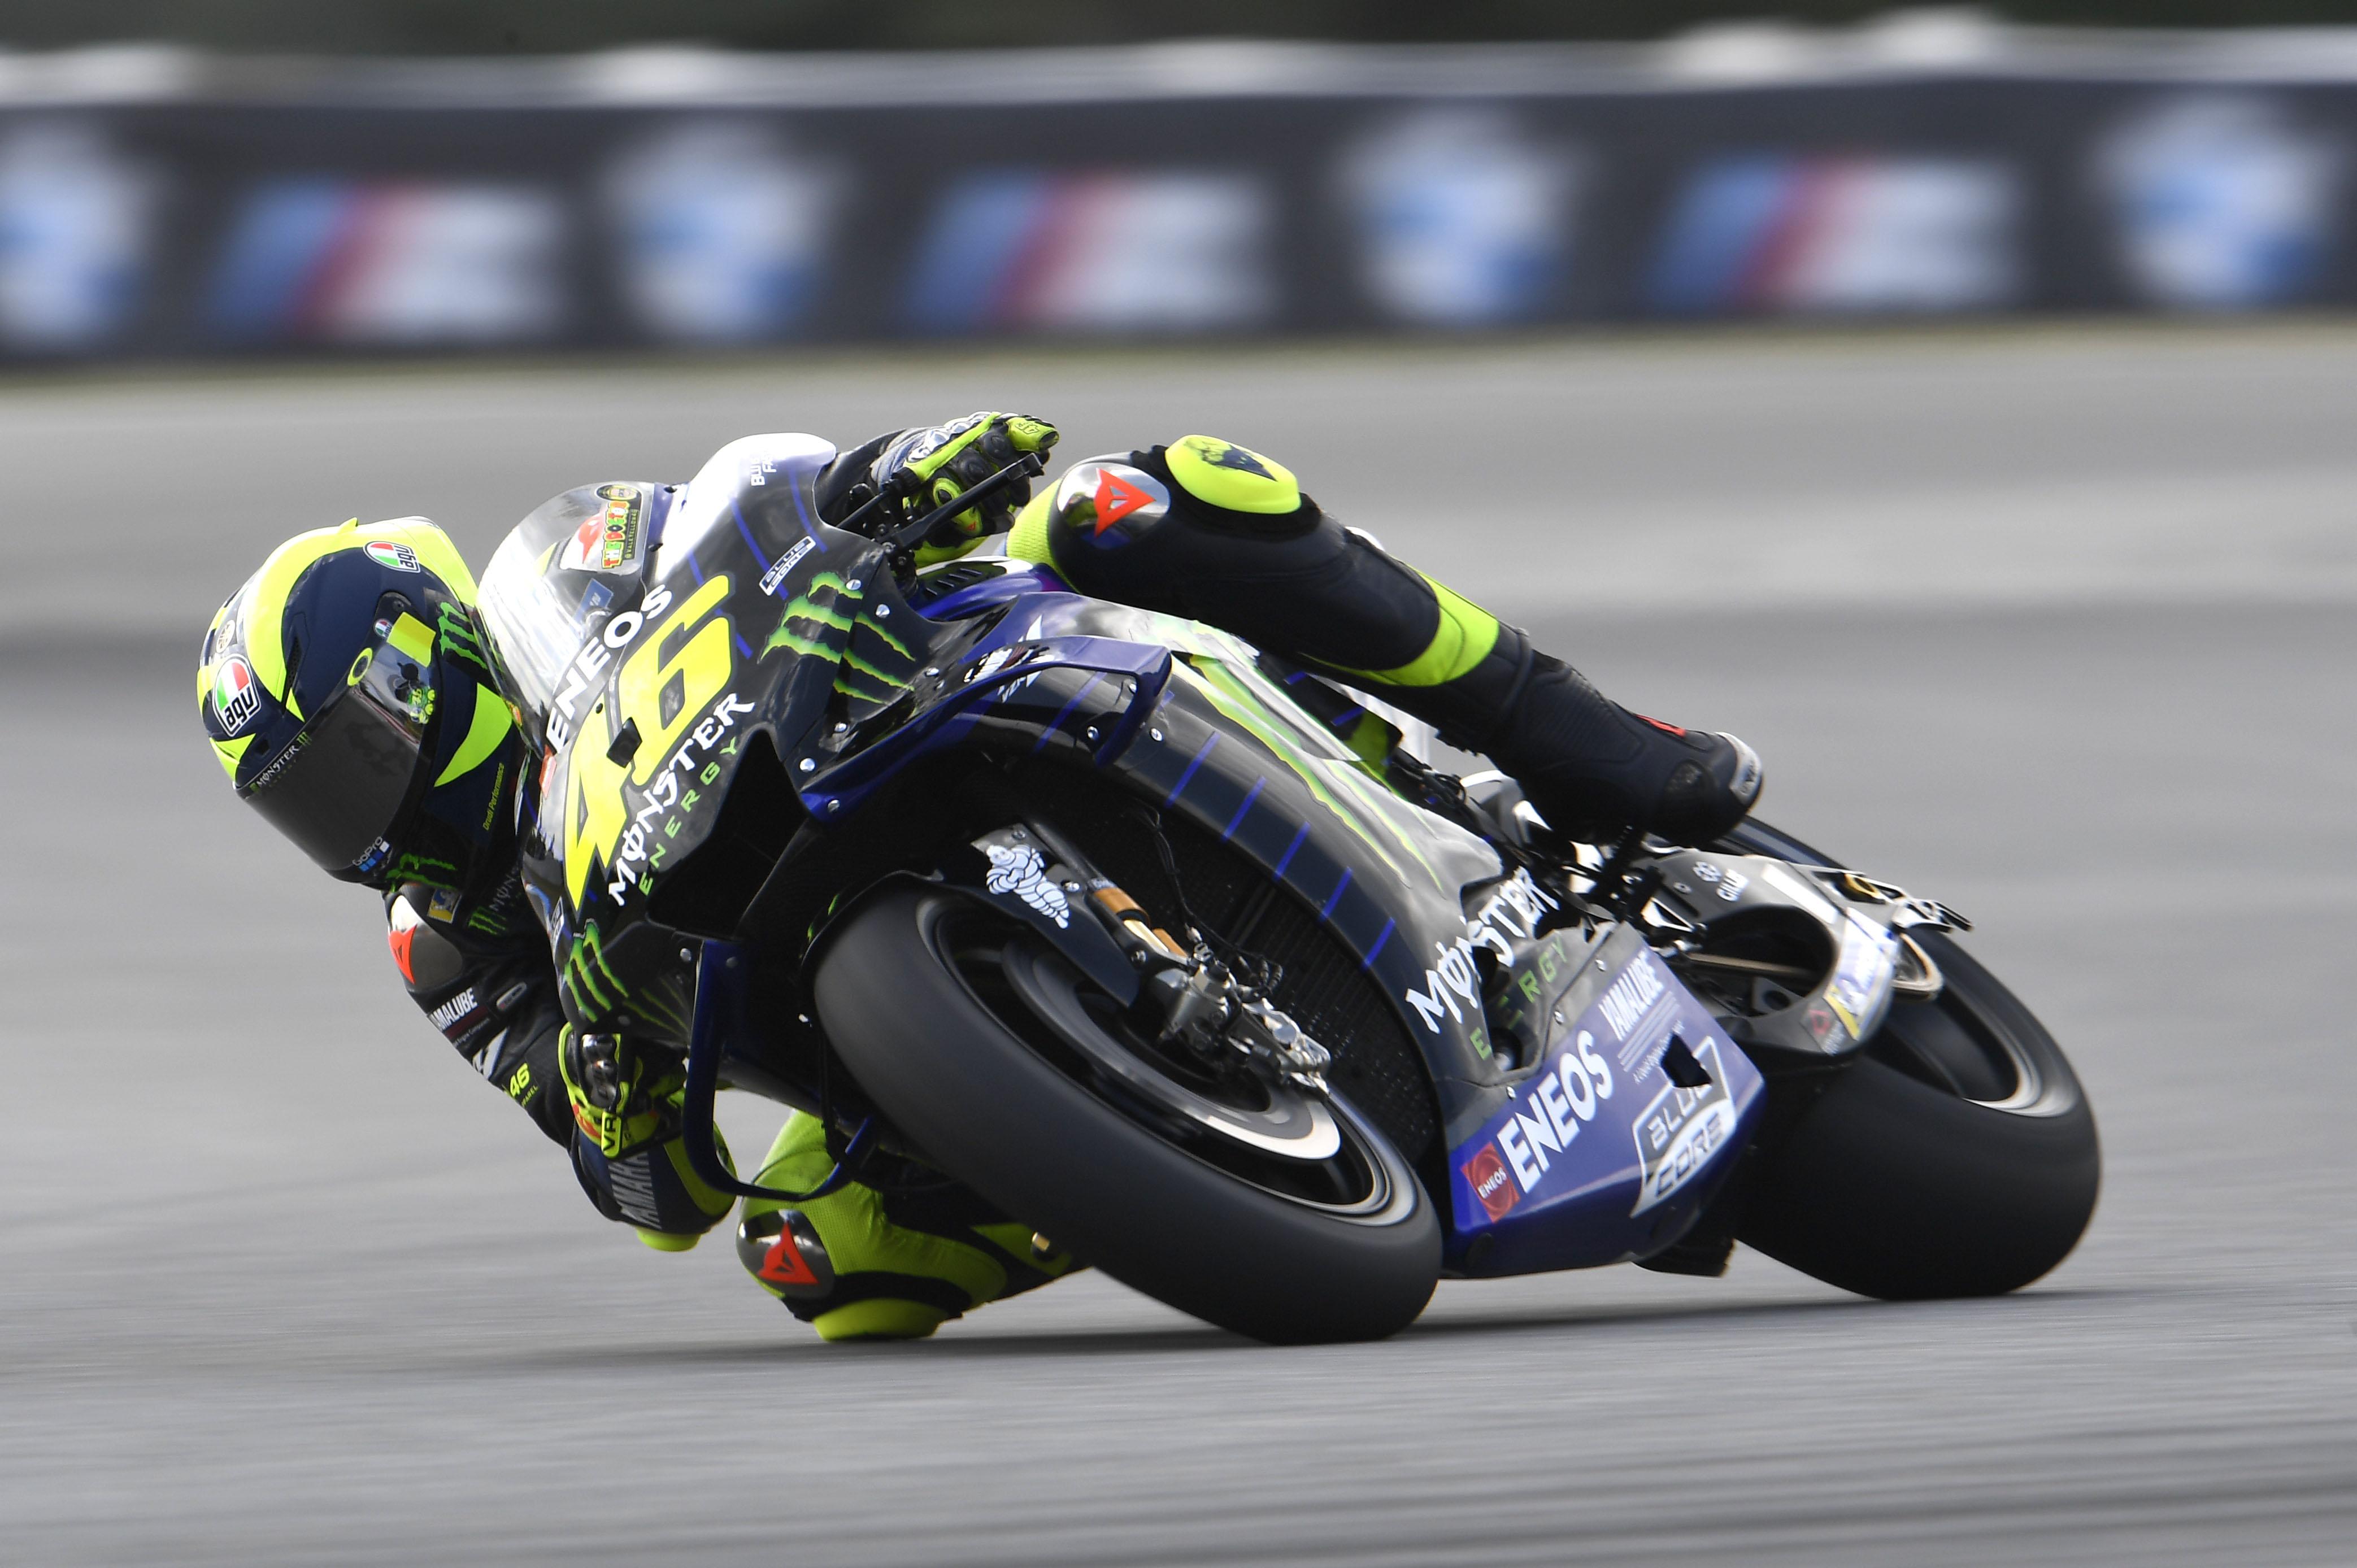 """Rossi le pone nombre a los baches de Brno: """"Están aquí desde 1996"""""""